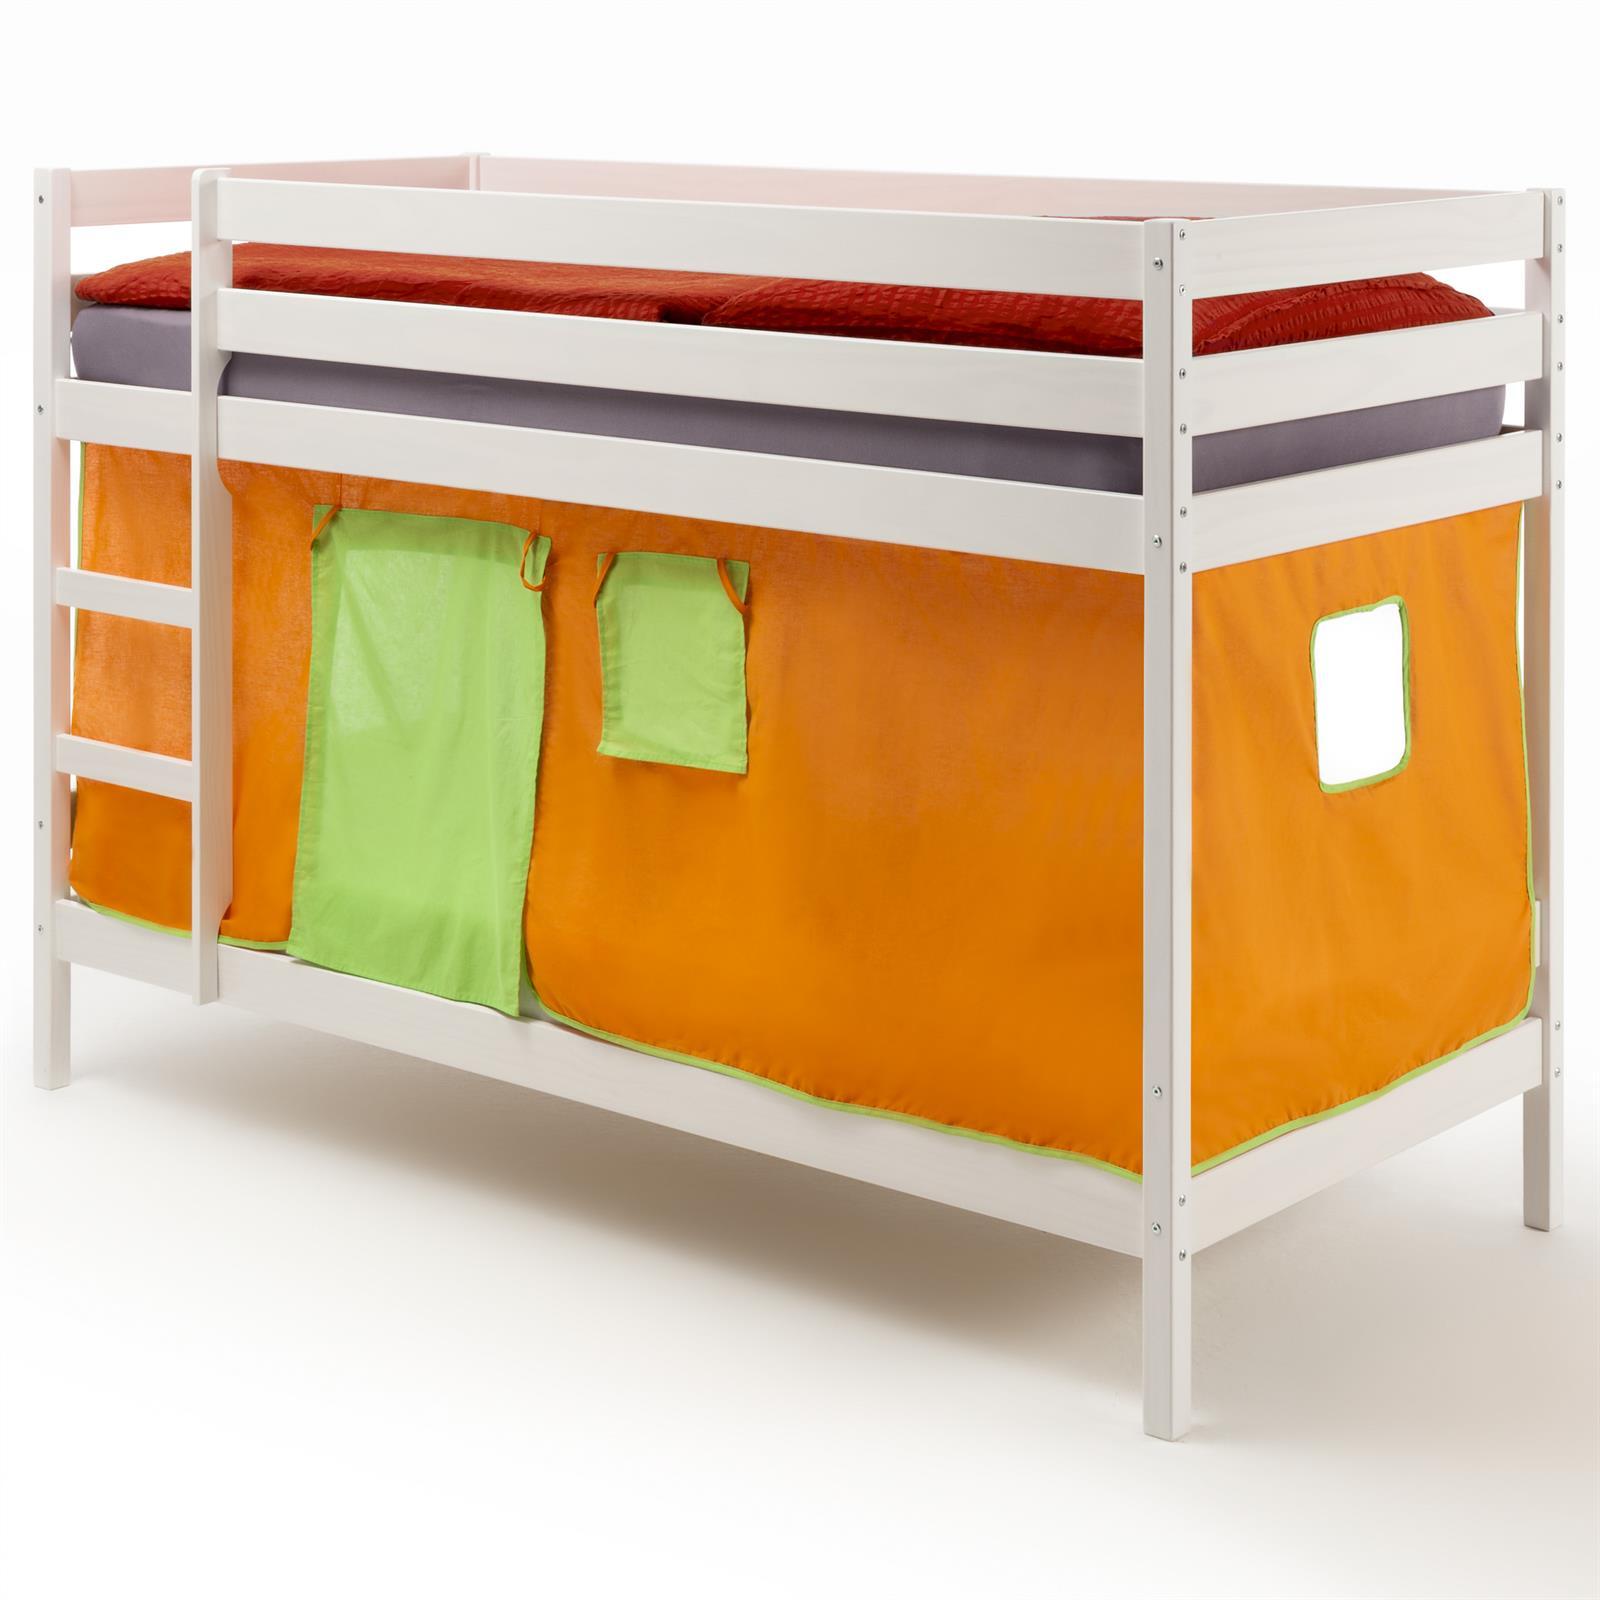 lits superpos 233 s en pin lasur 233 blanc felix avec rideaux orange vert mobil meubles